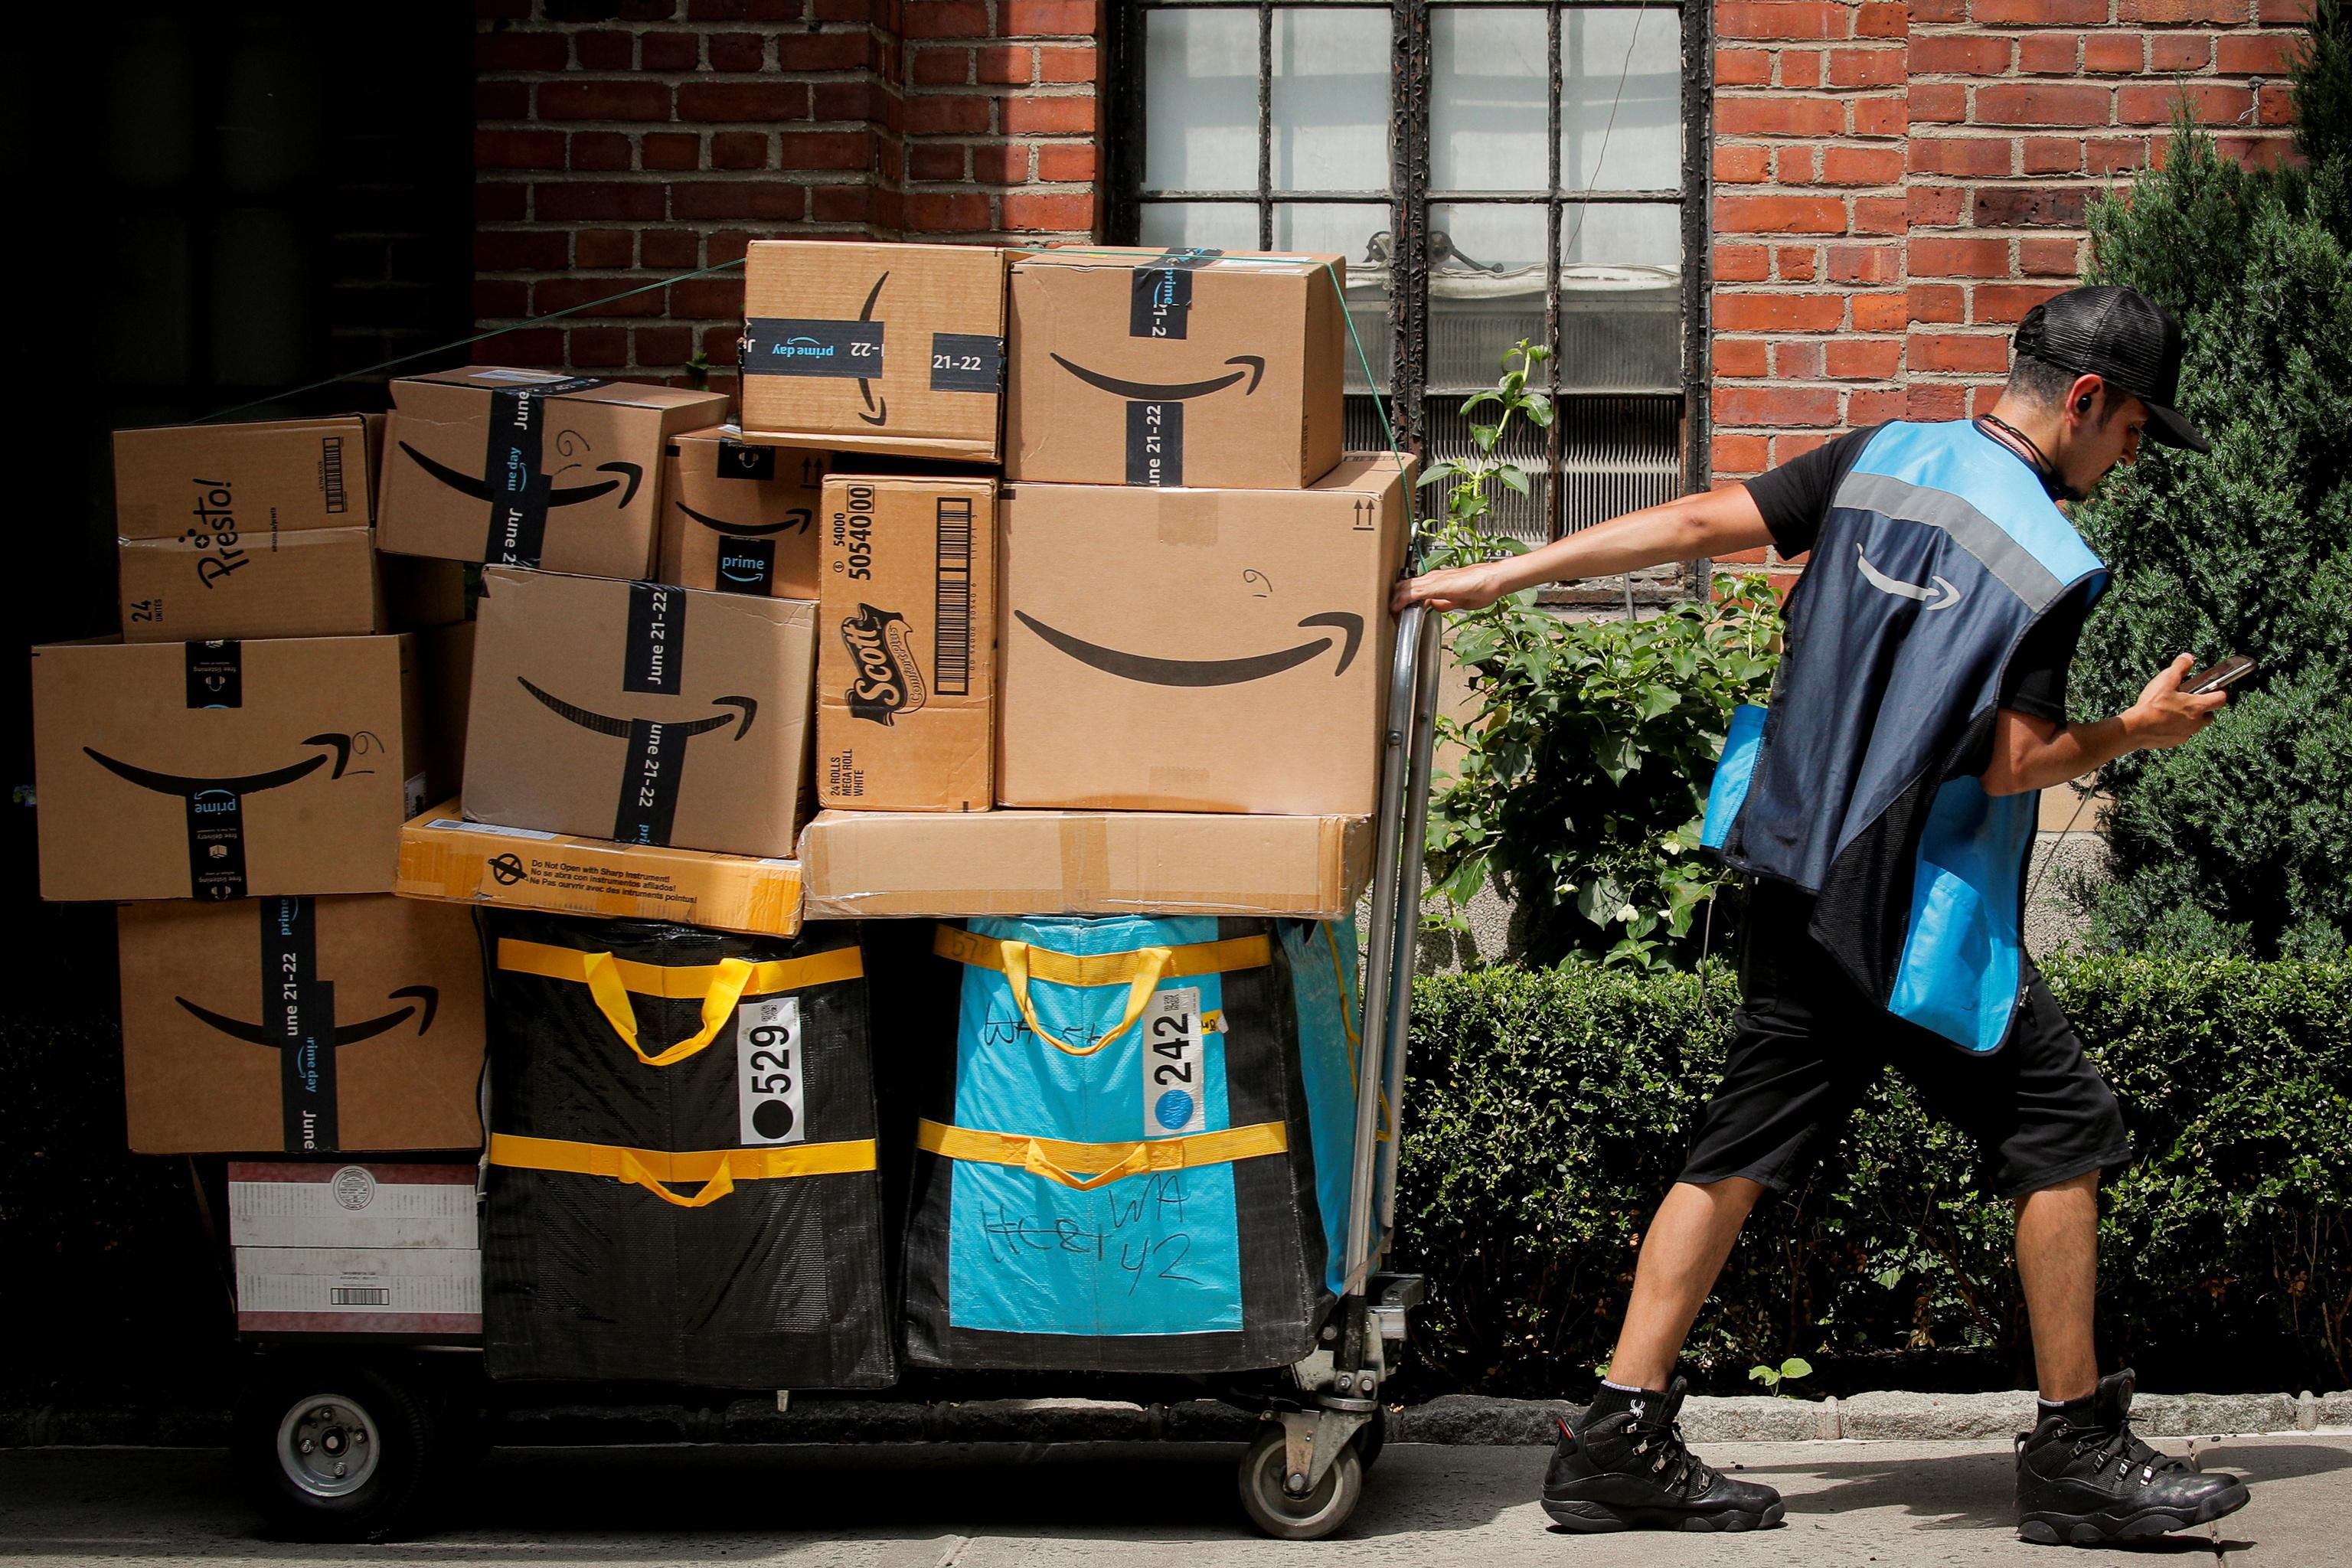 Del almacén a la basura: Amazon destruye todas las semanas miles de productos no vendidos